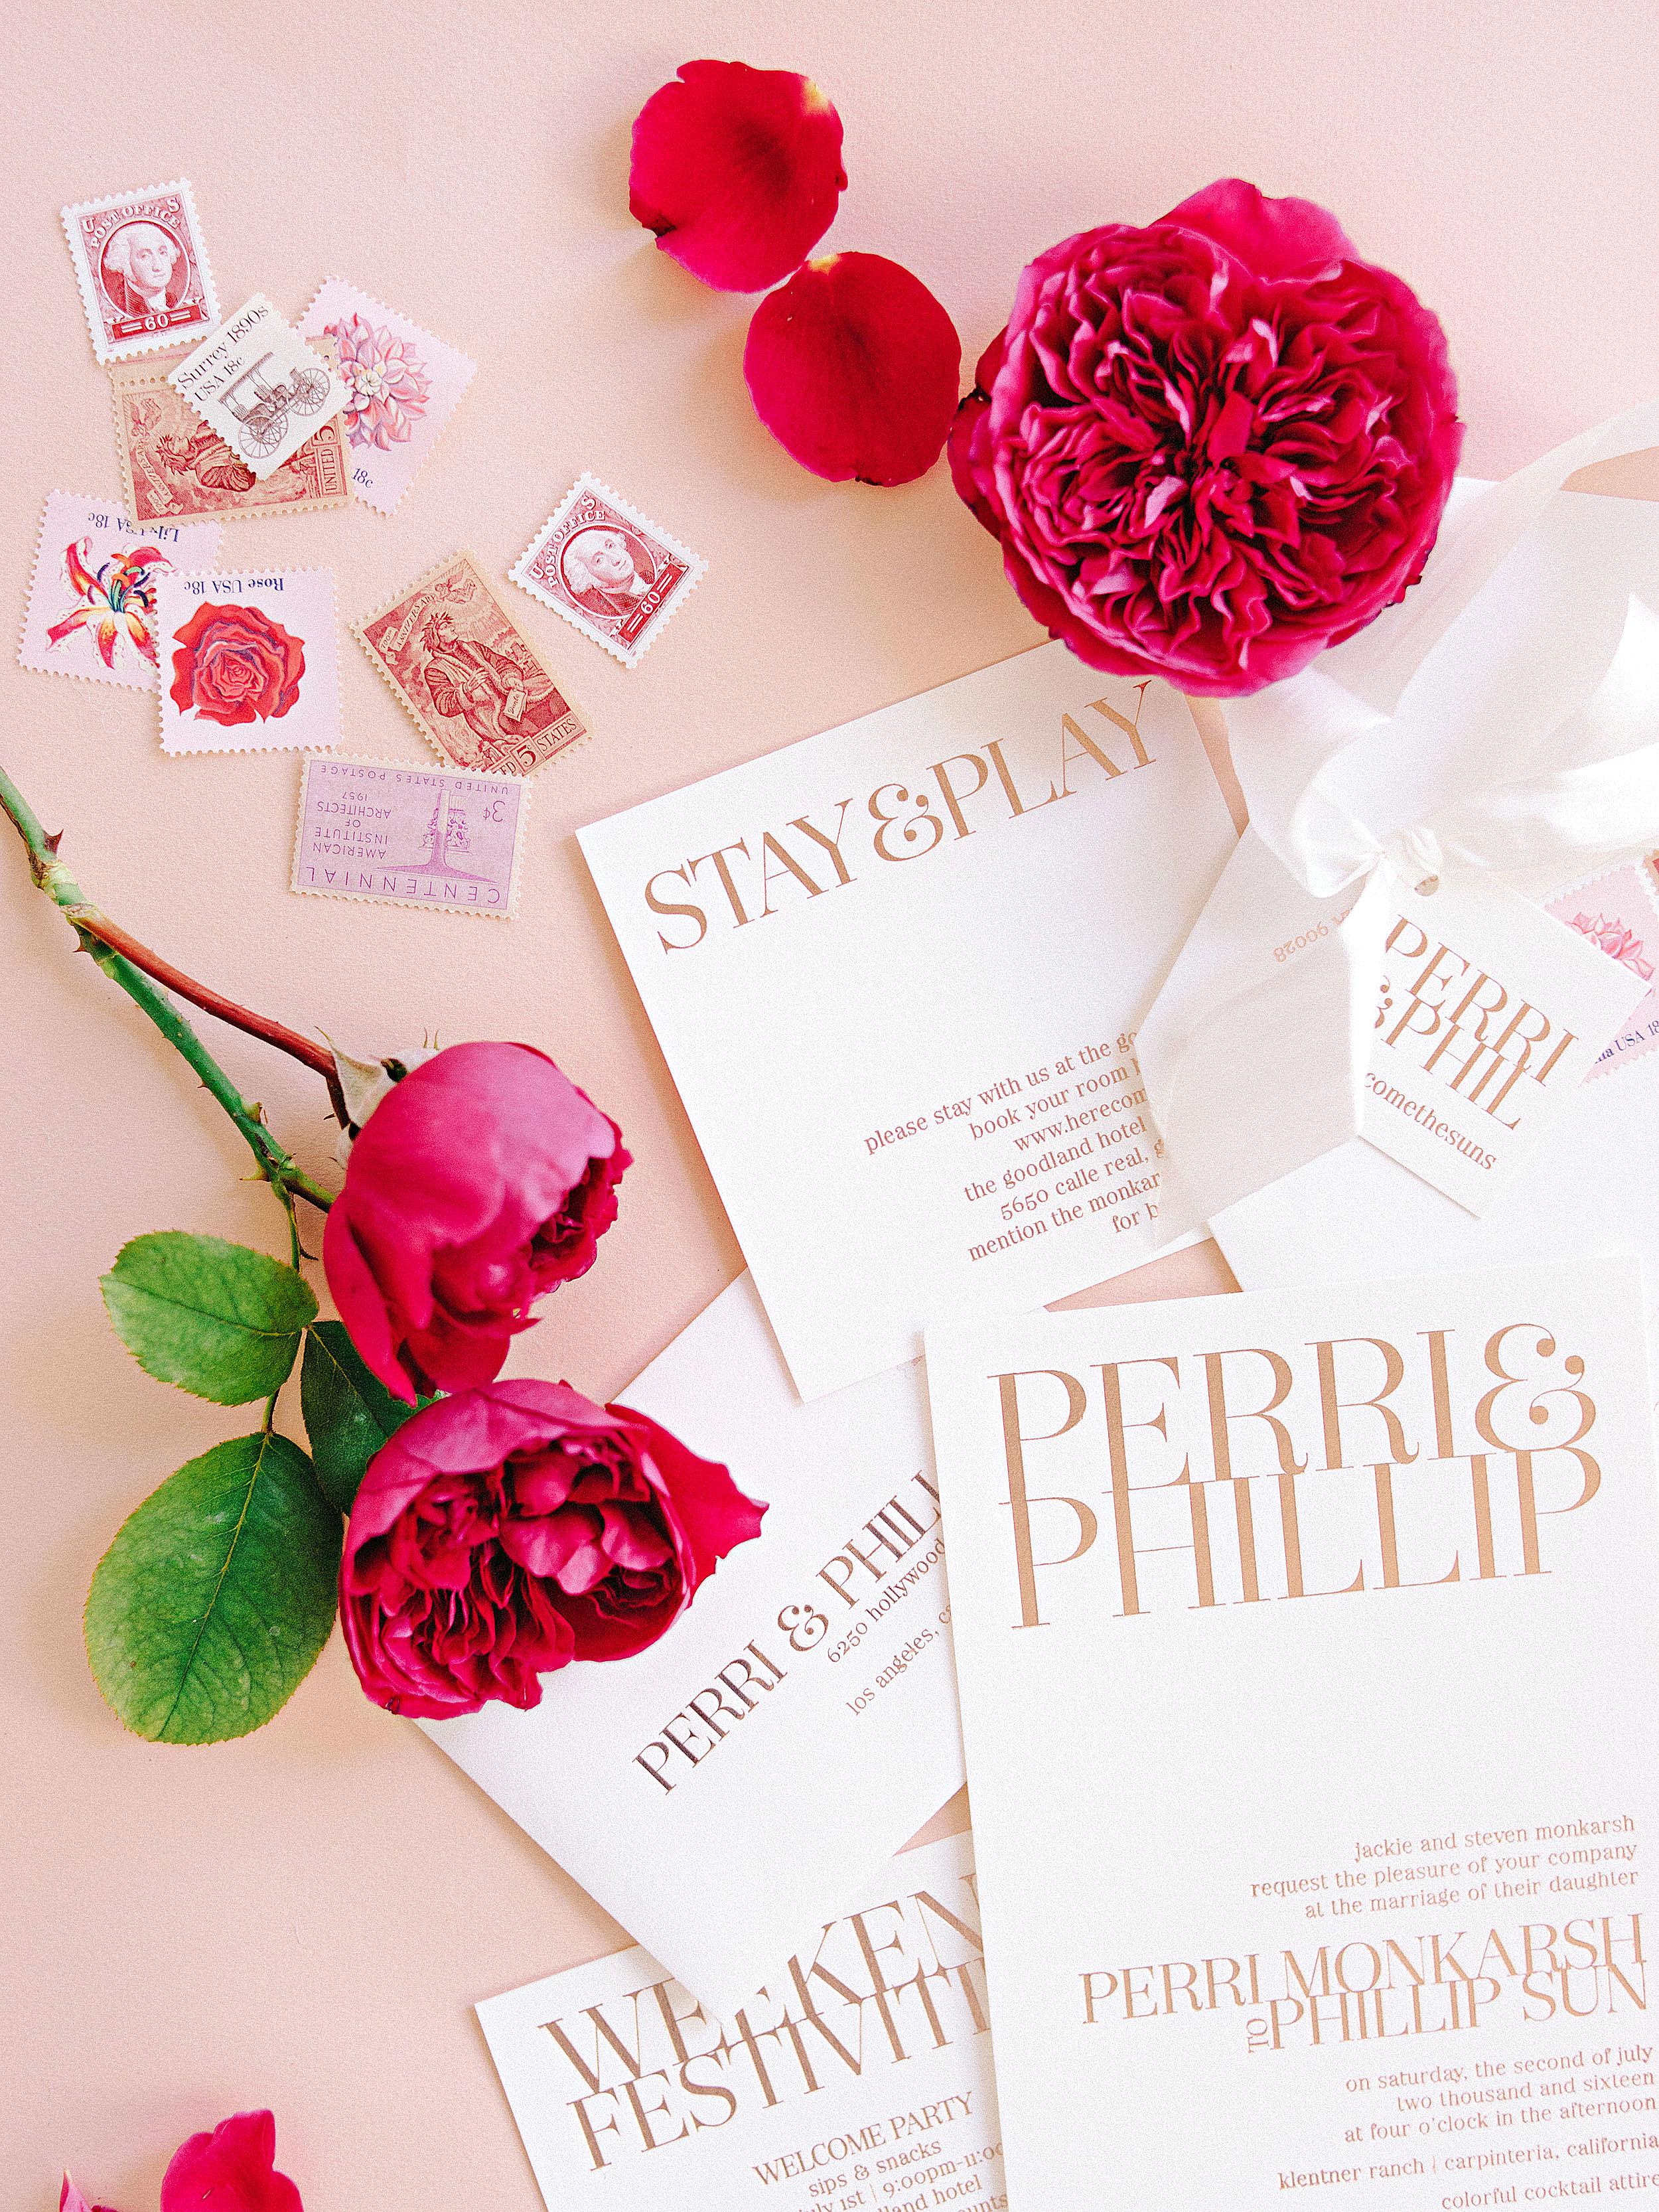 perri phillip wedding california invitations